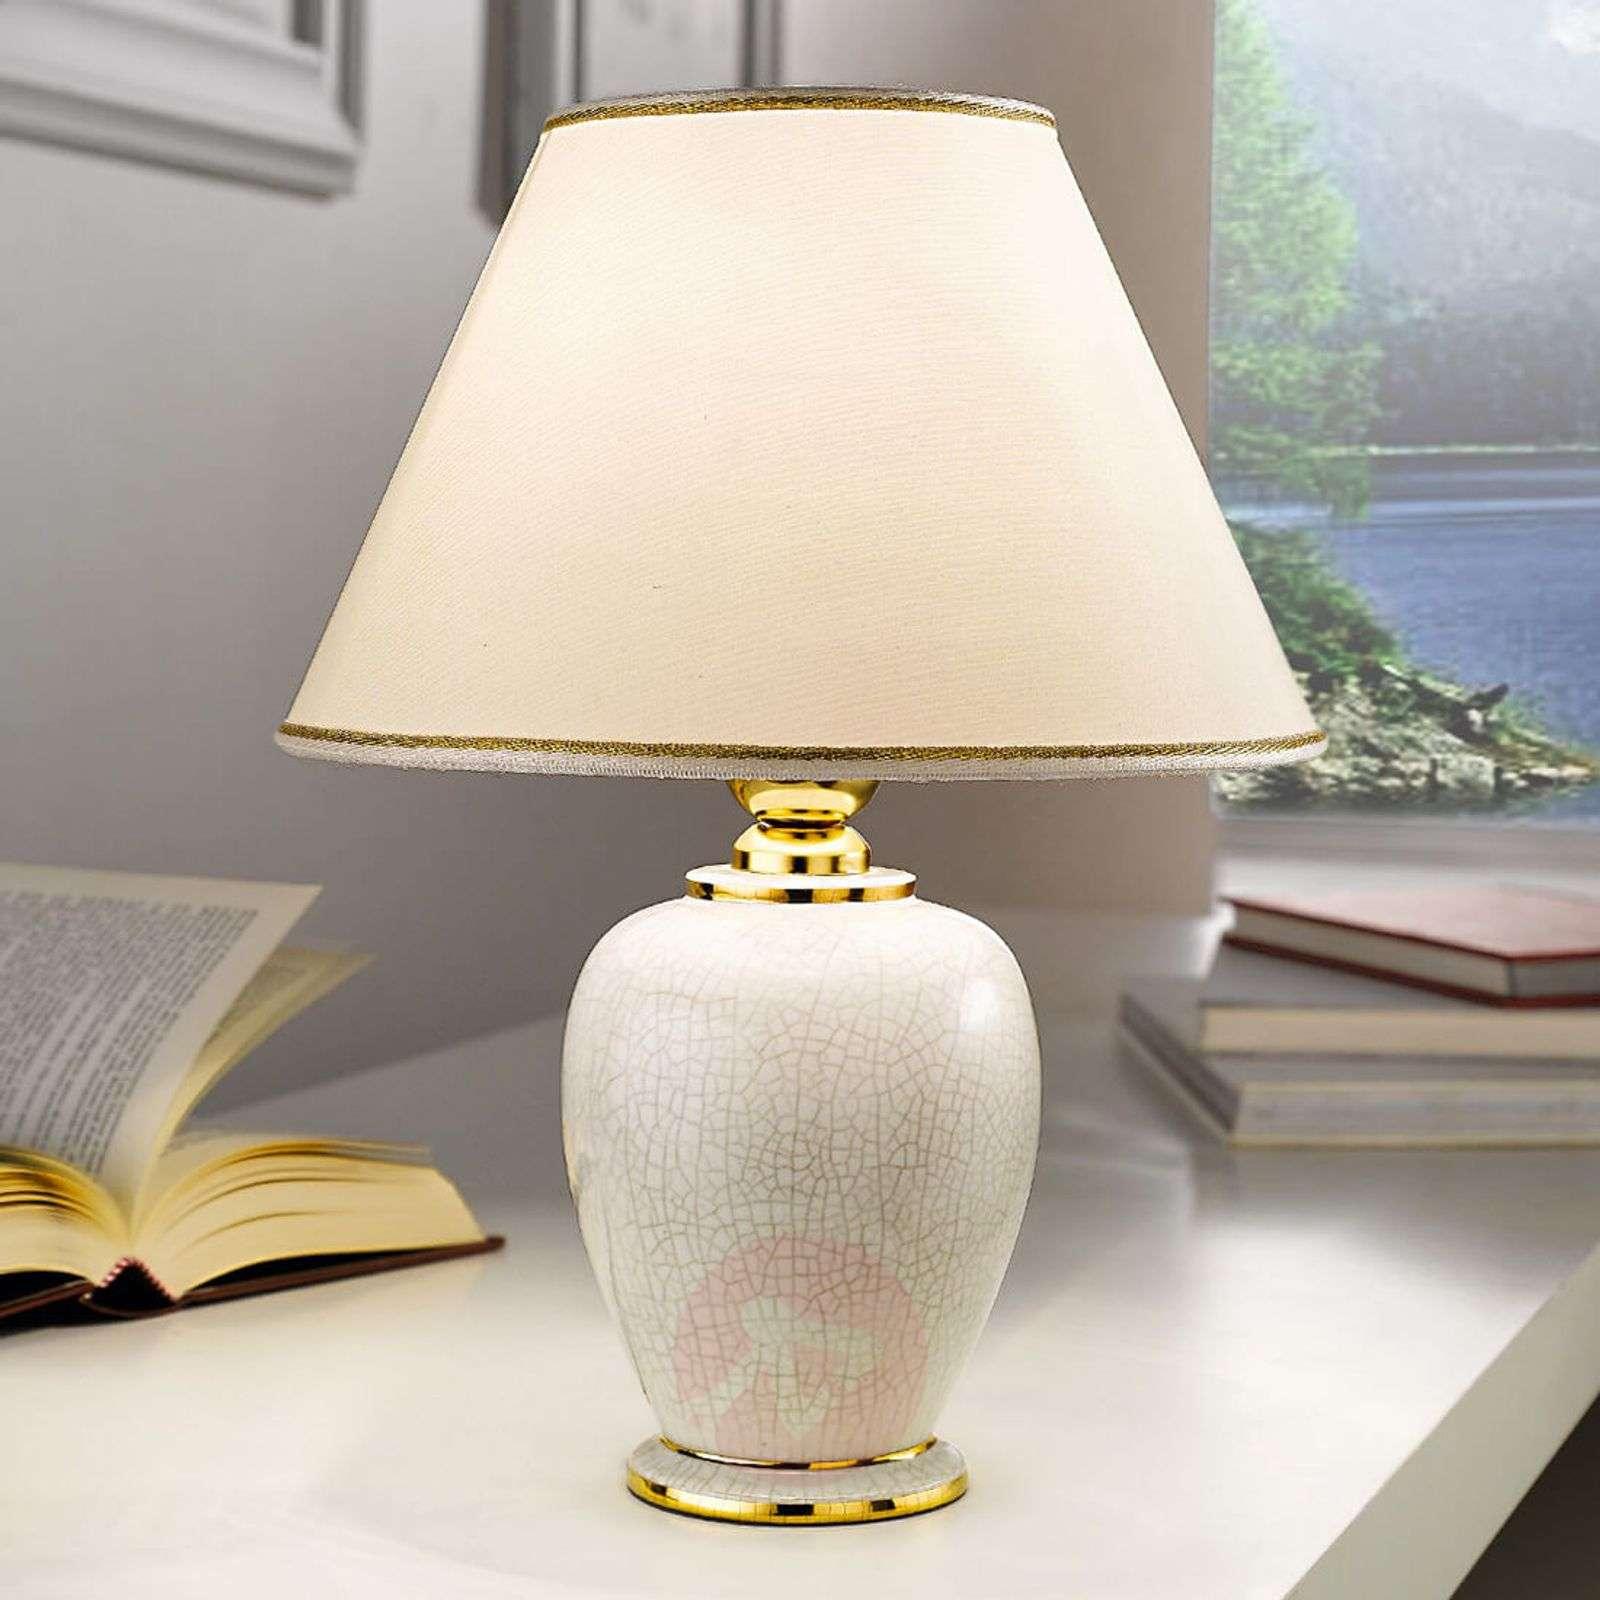 KOLARZ Giardino Craclee white table lamp 30cm-5506933-01